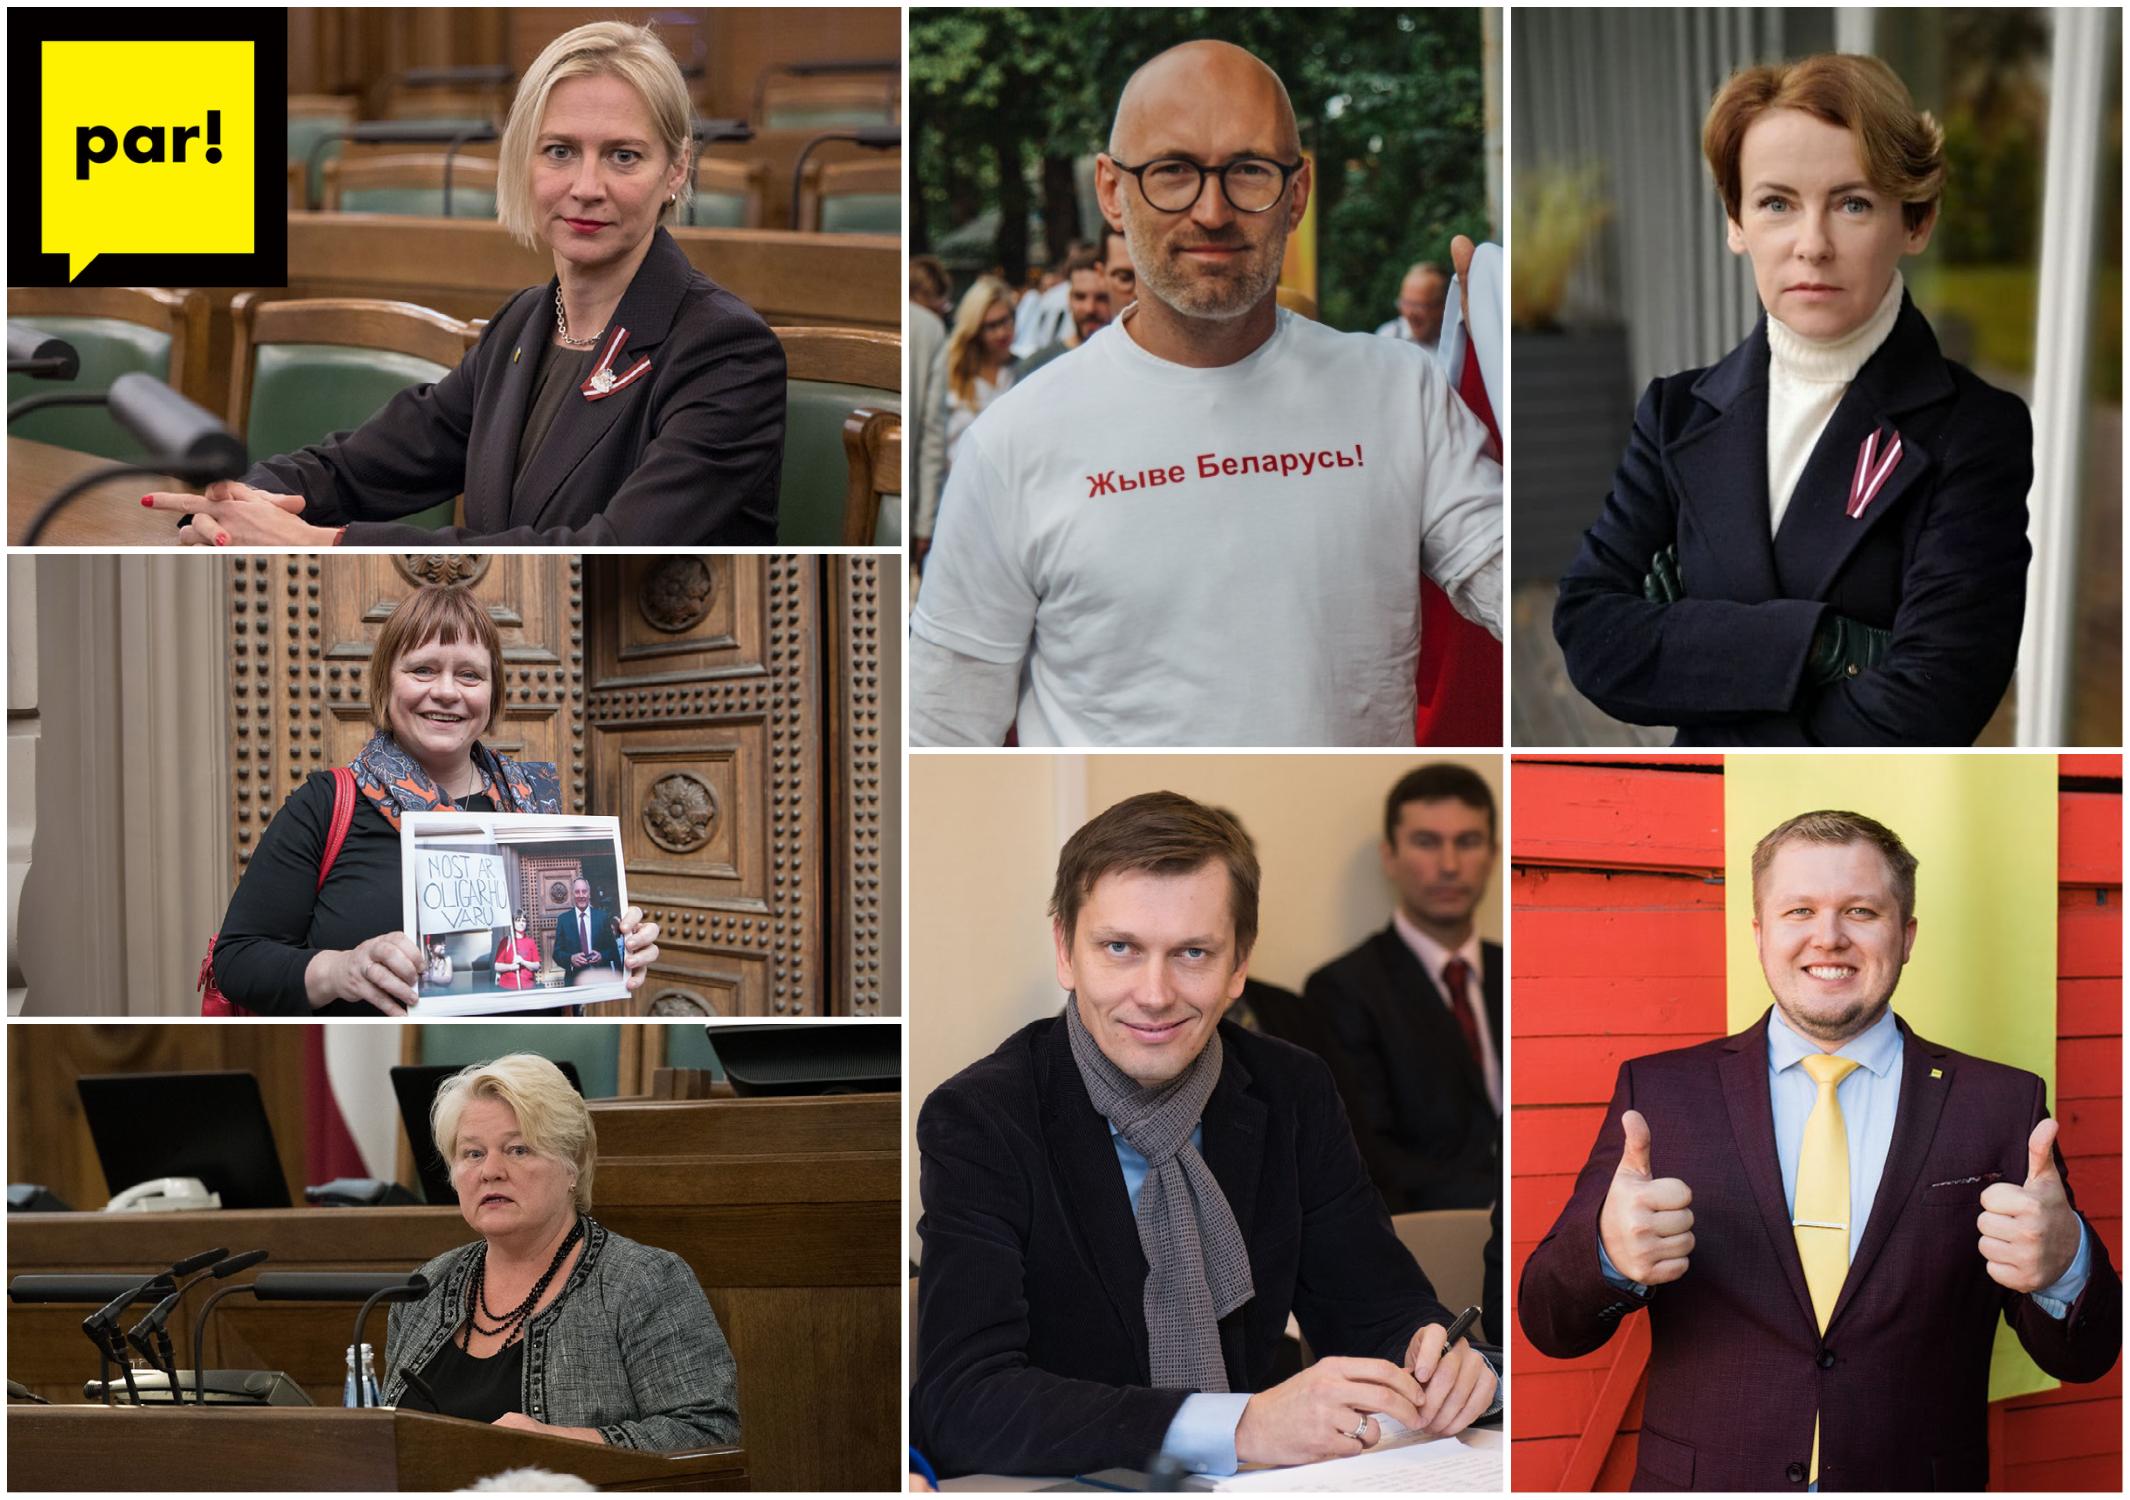 Svarīgākie darbi Saeimā 2020. gada rudenī